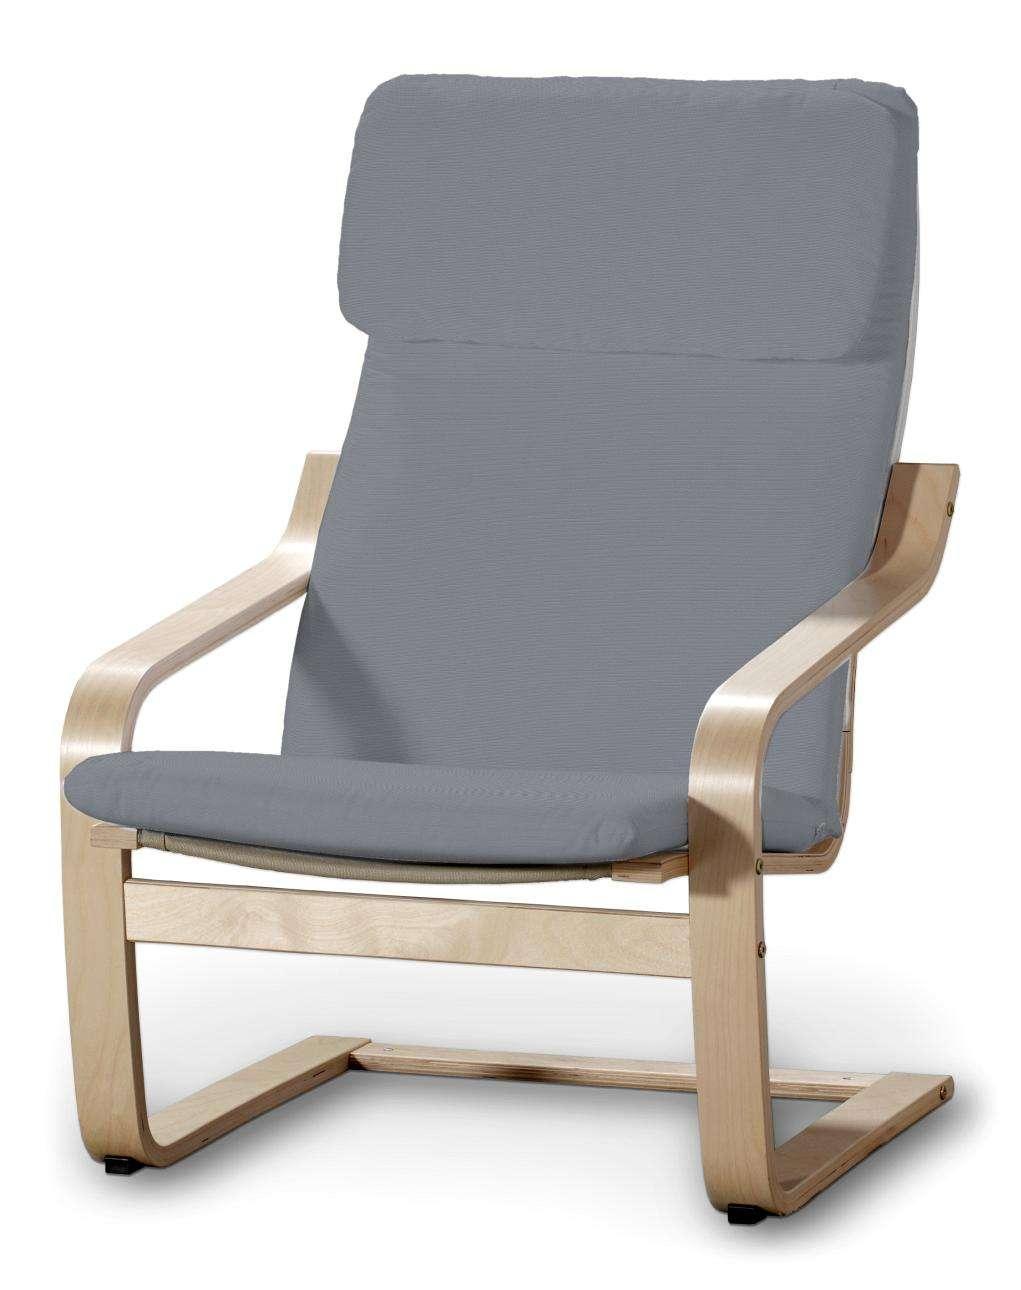 Poäng Sesselbezug I Sessel Poäng von der Kollektion Cotton Panama, Stoff: 702-07